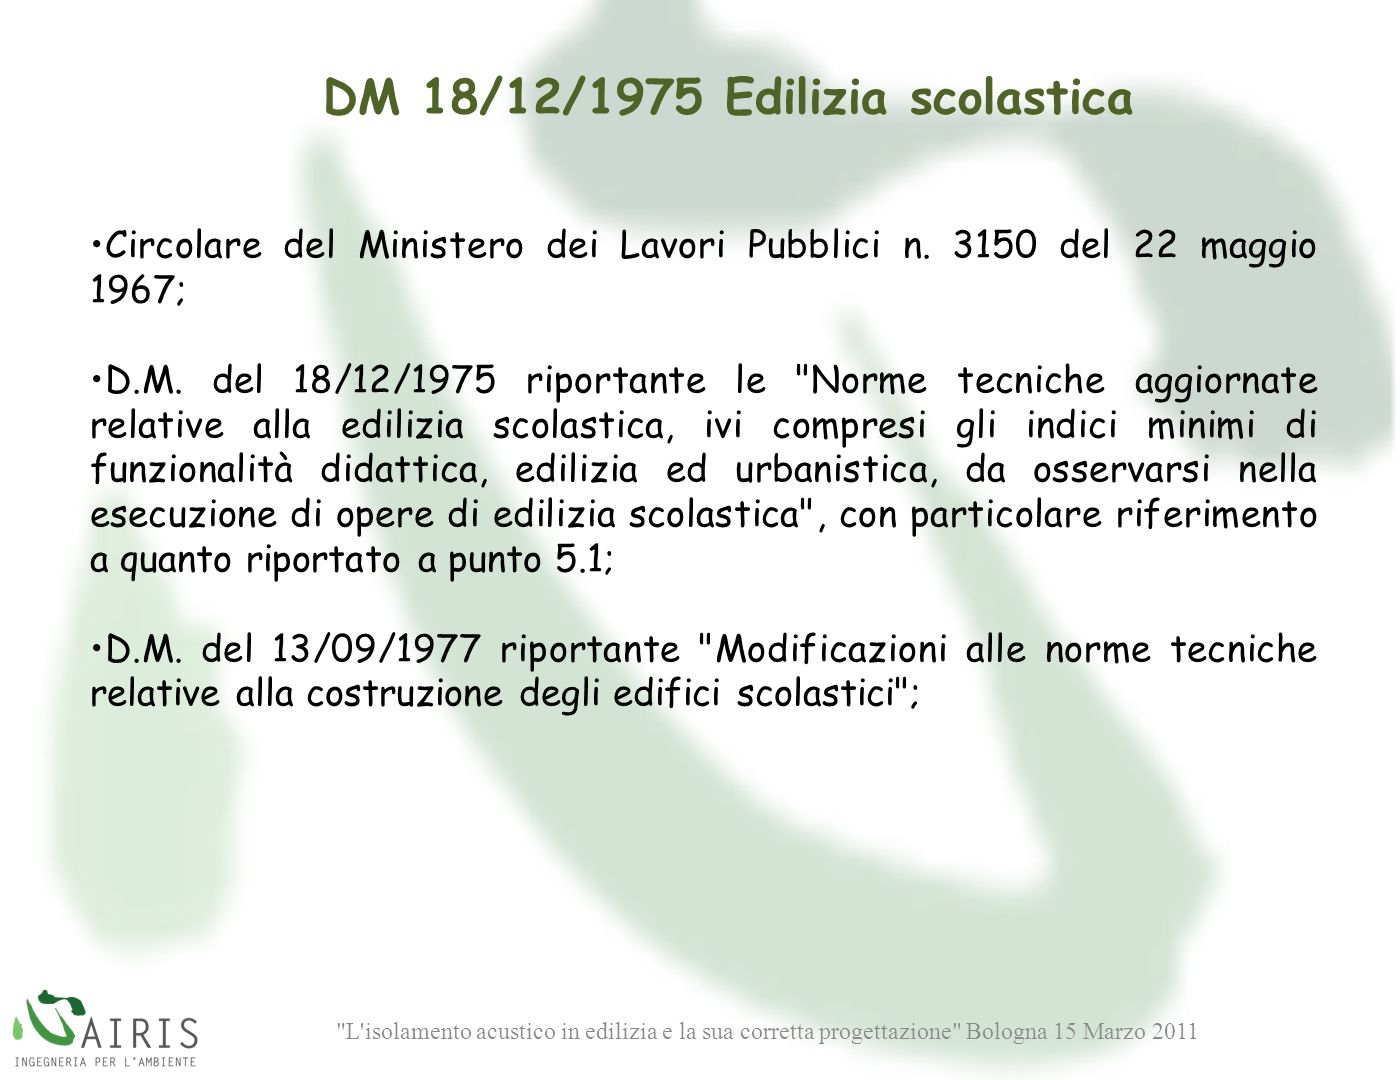 DM 18/12/1975 Edilizia scolastica